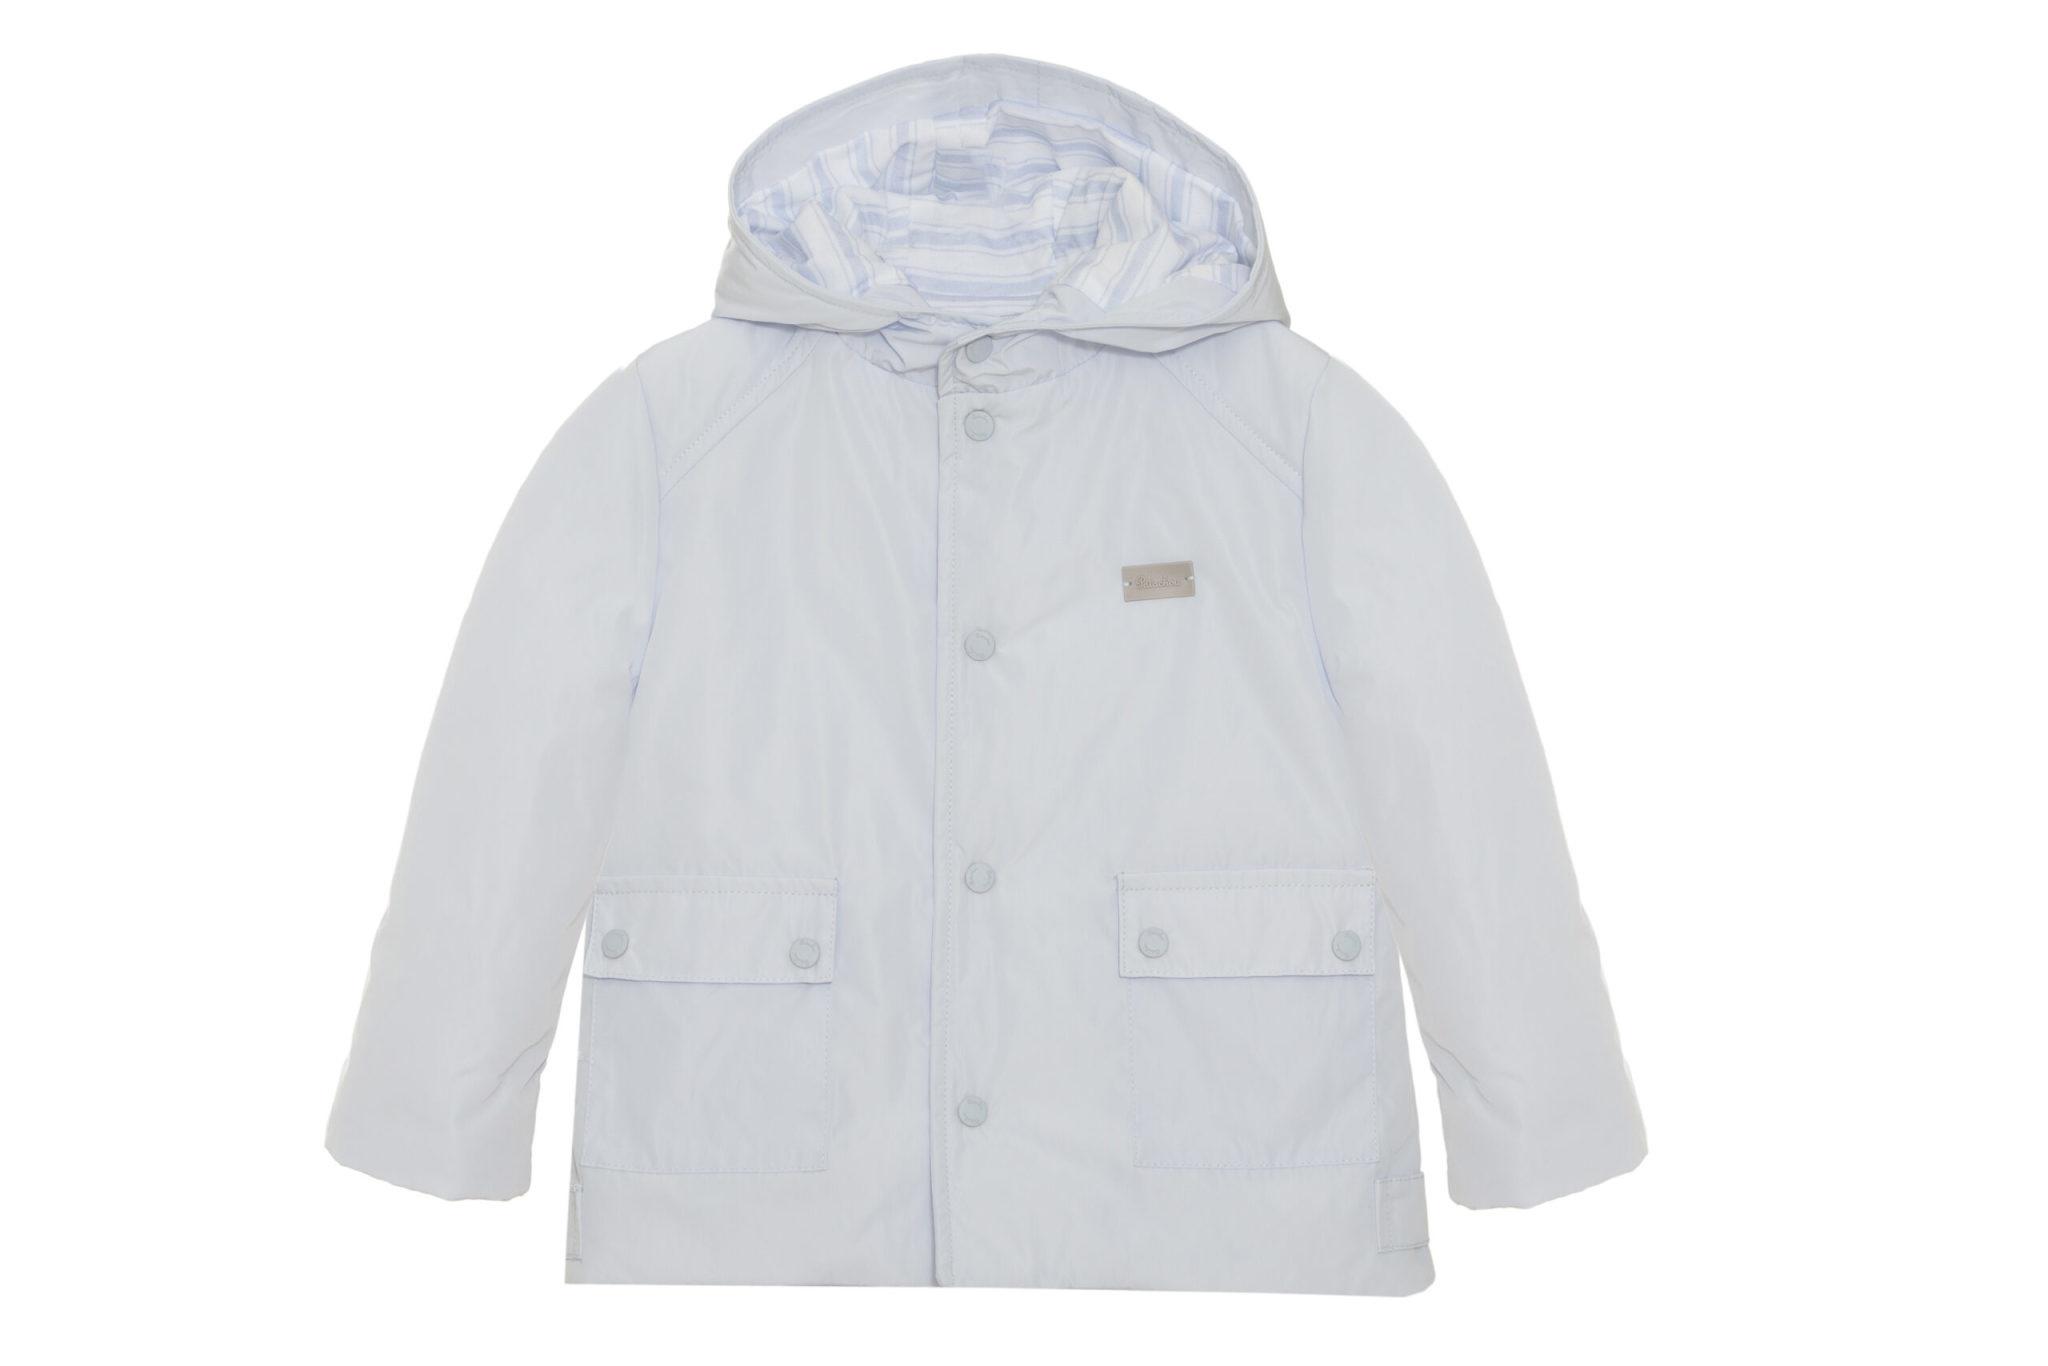 Patachou Patachou Light Blue Rain Coat 3330 S21